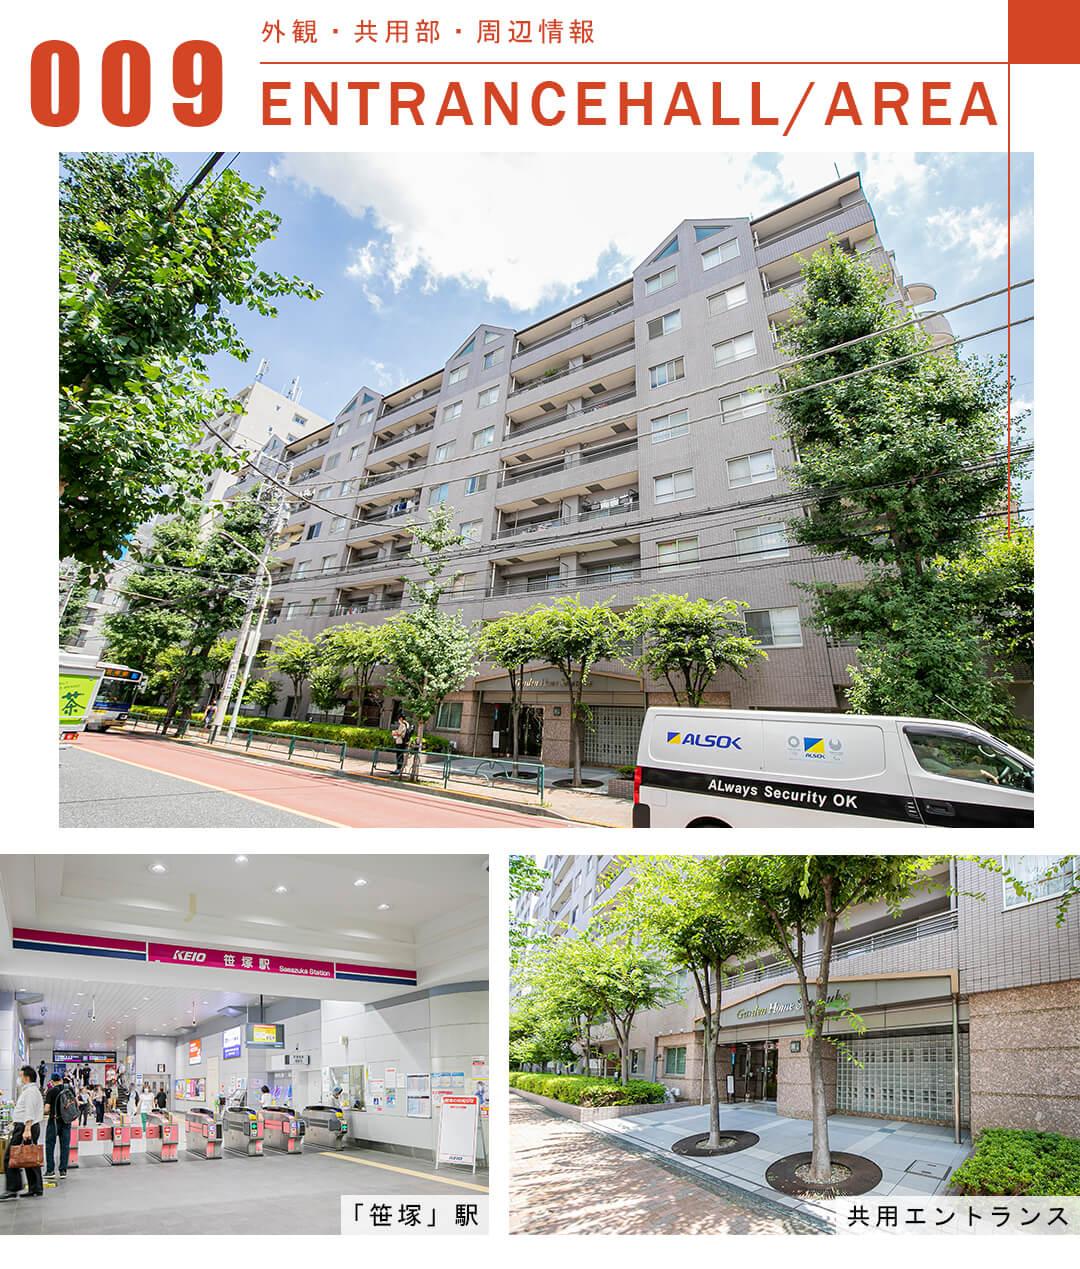 ガーデンホーム笹塚の外観と共用部と周辺情報